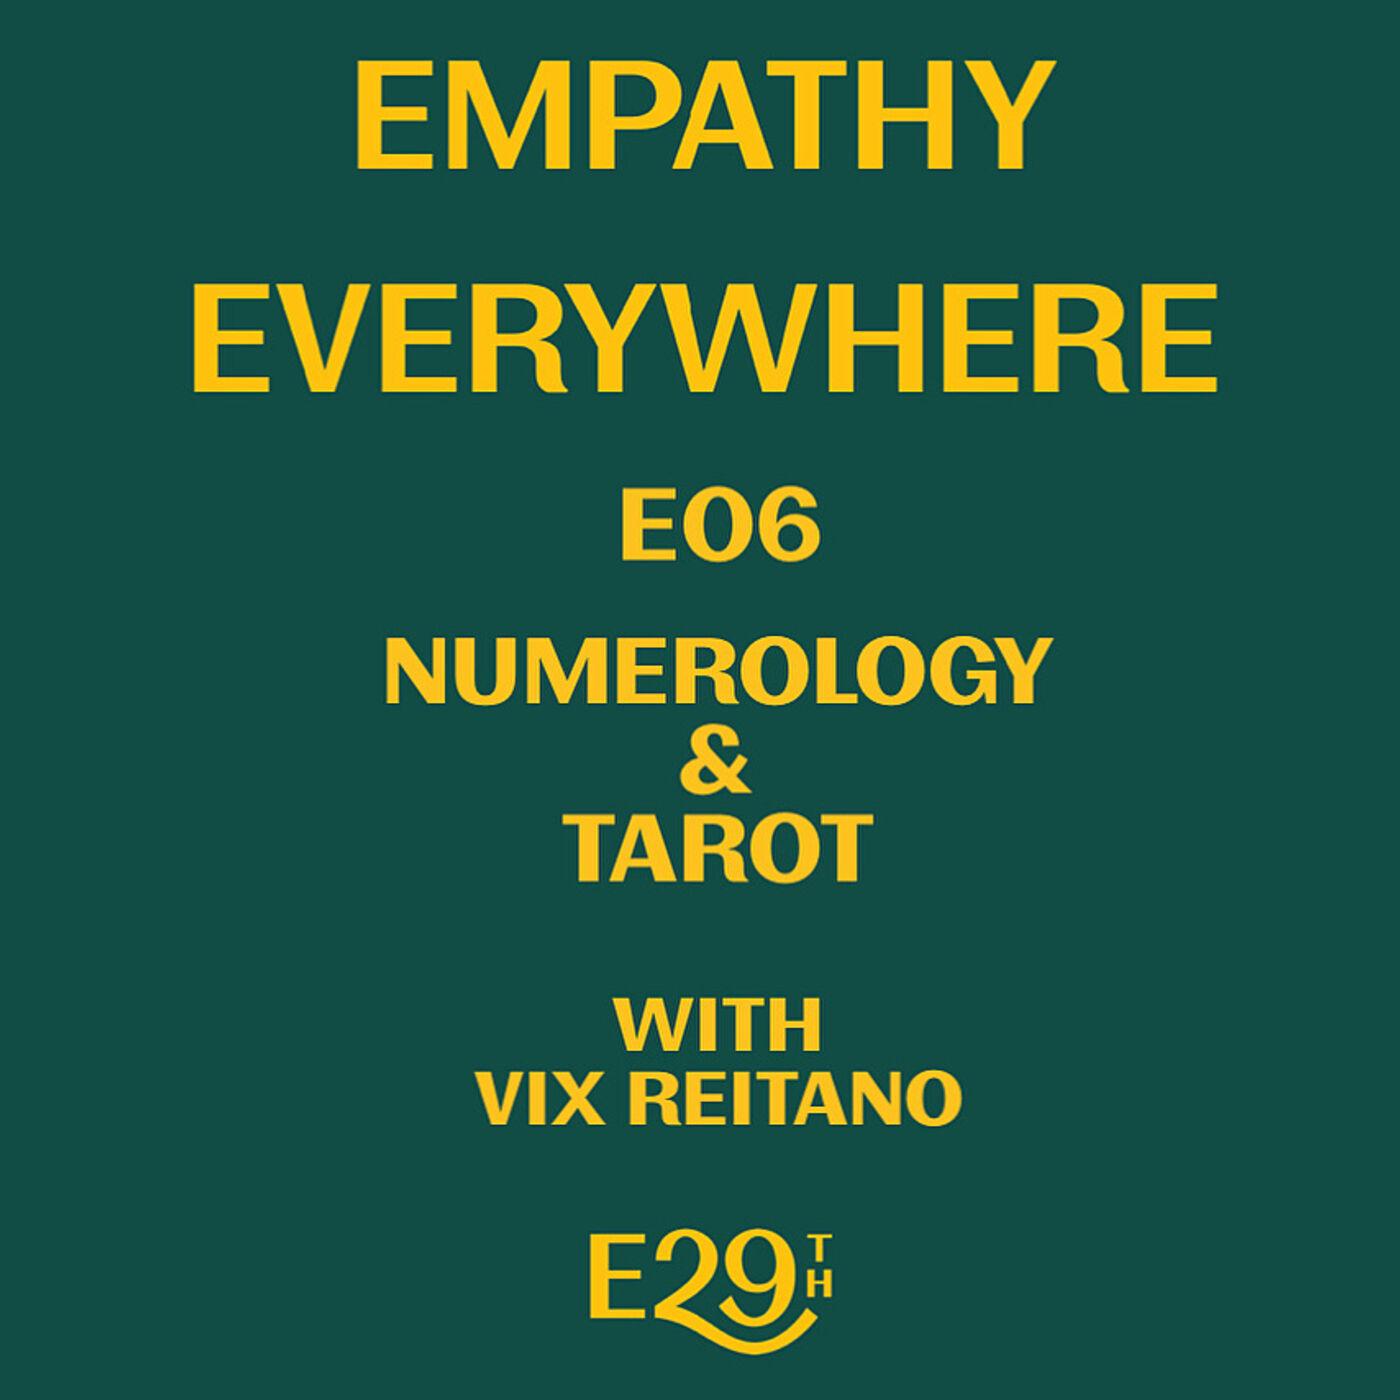 E06 - Numerology & Tarot